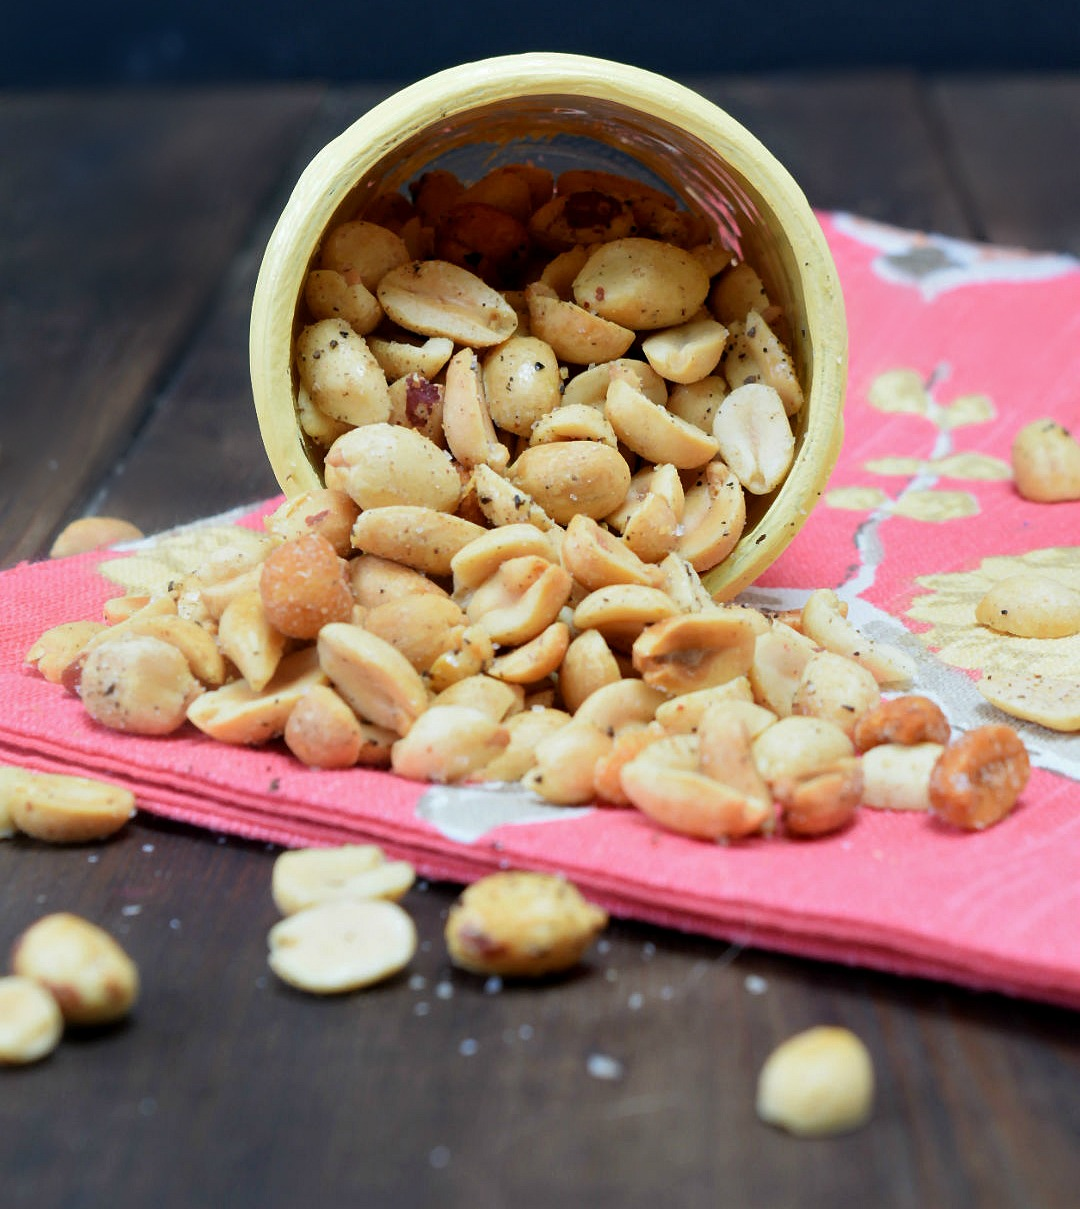 spilledpeanuts